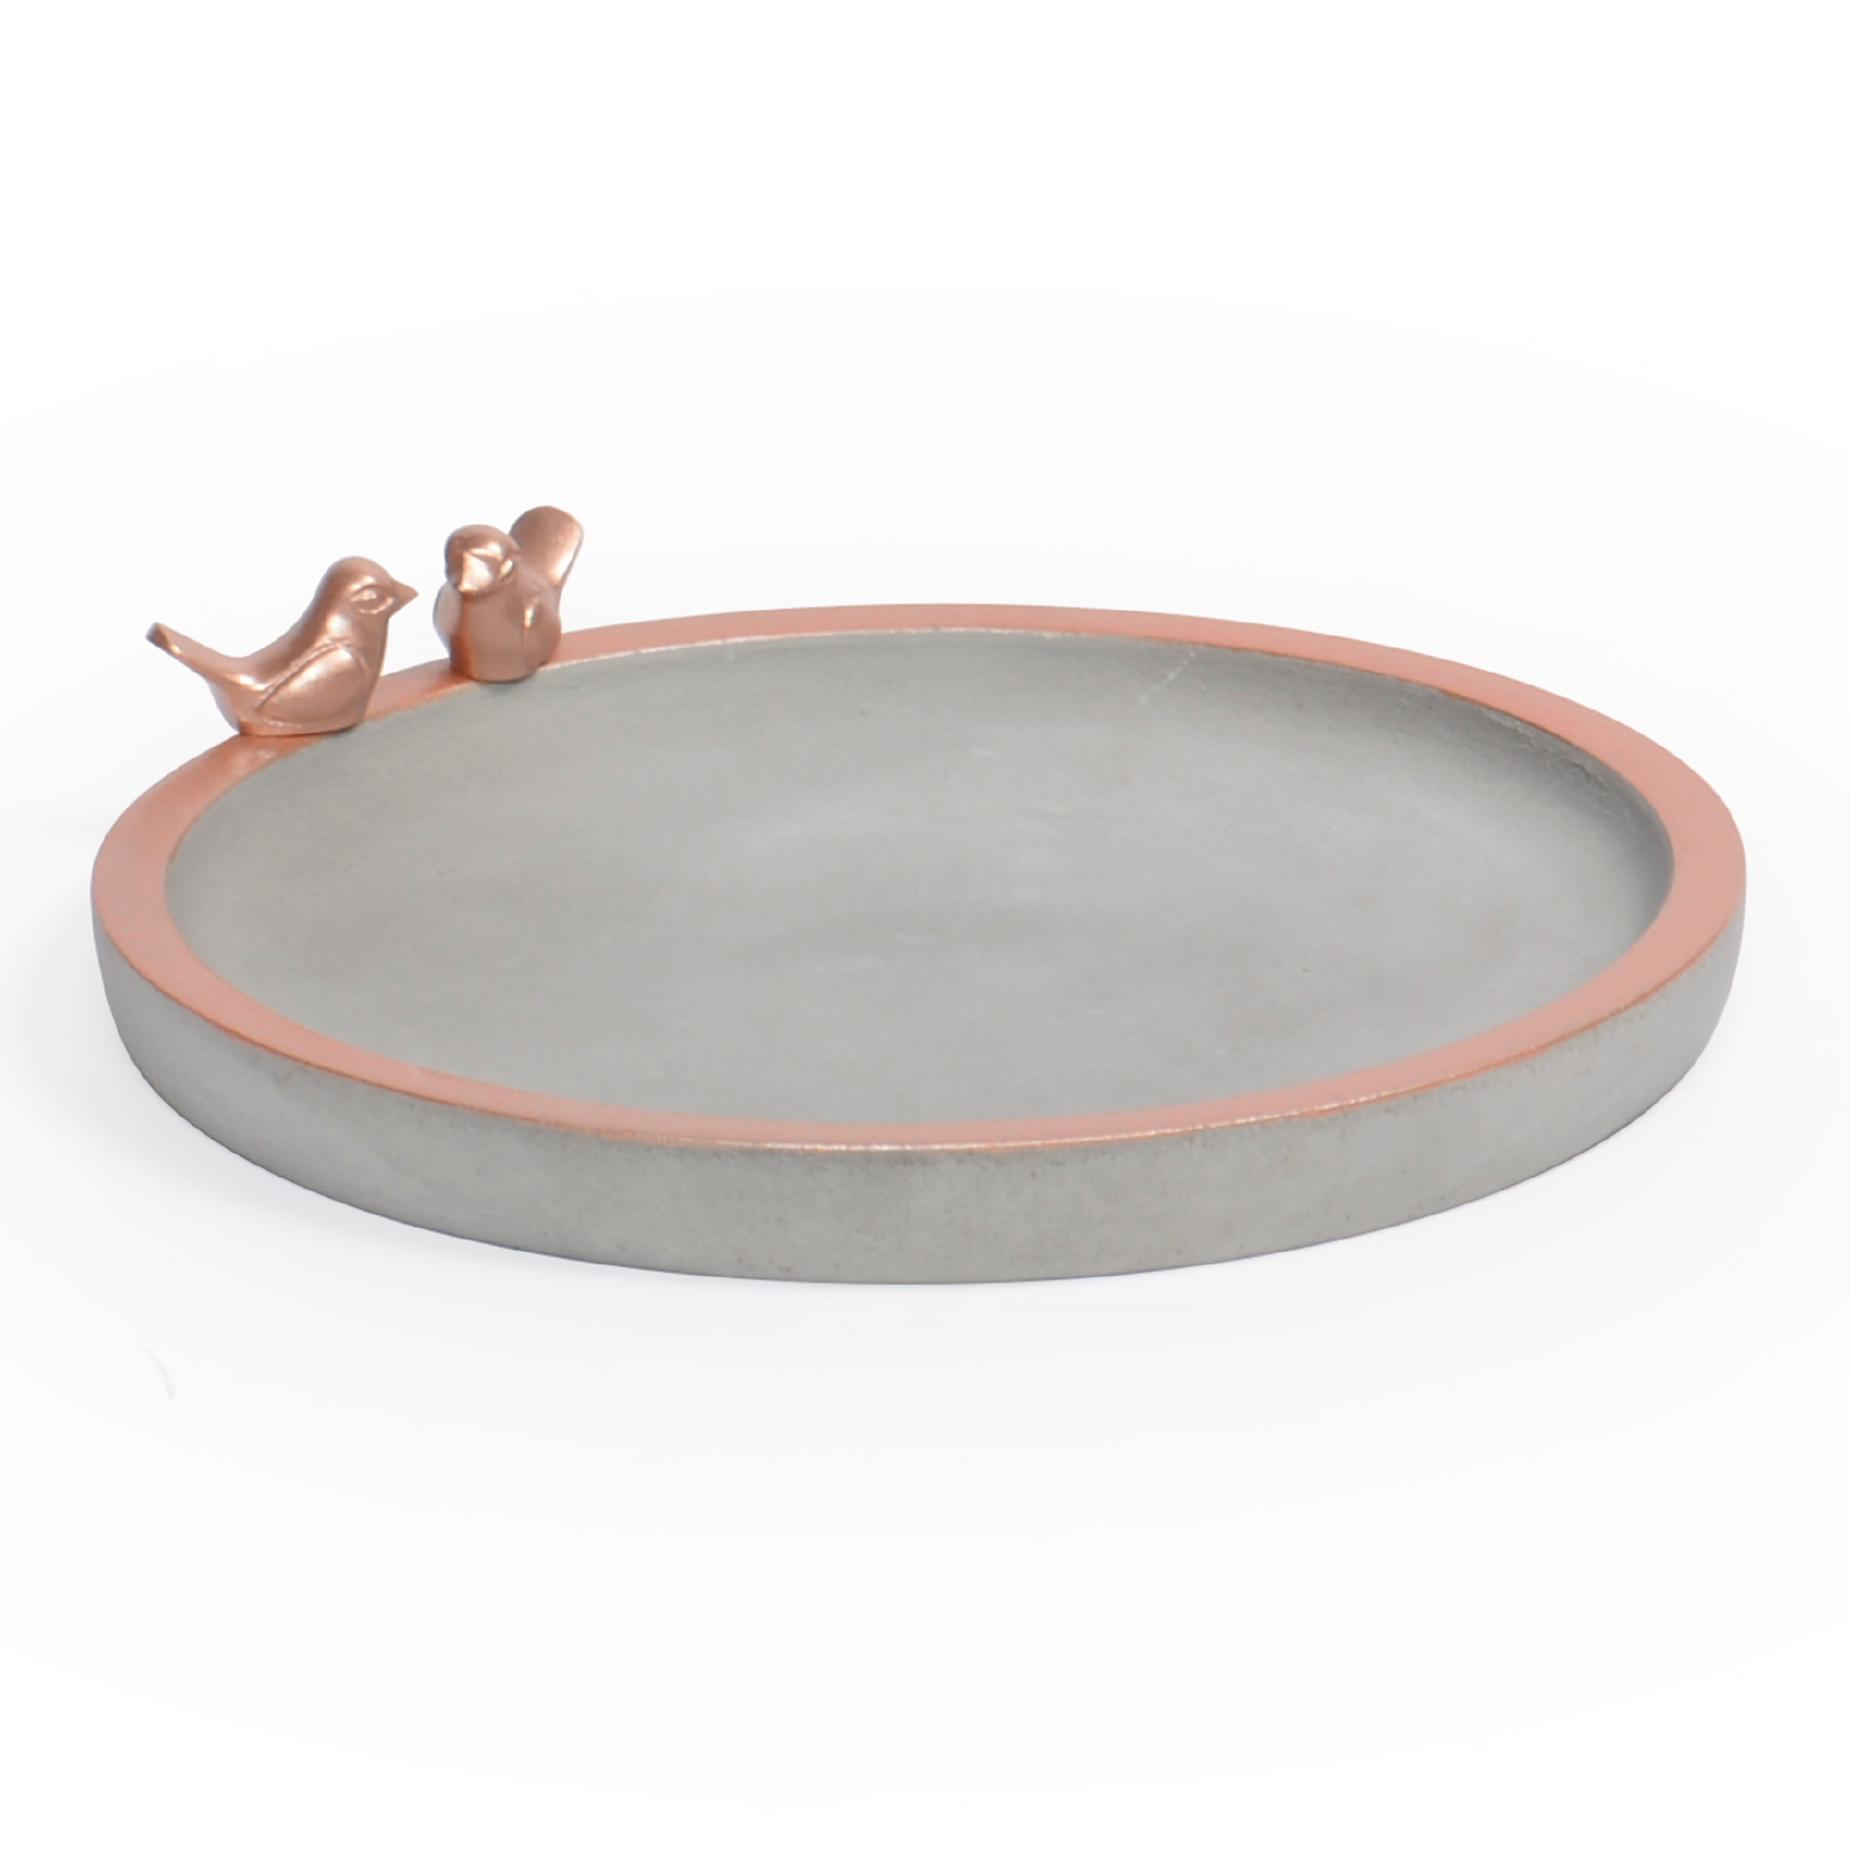 Bandeja redonda de concreto com borda Cobre e pássaros